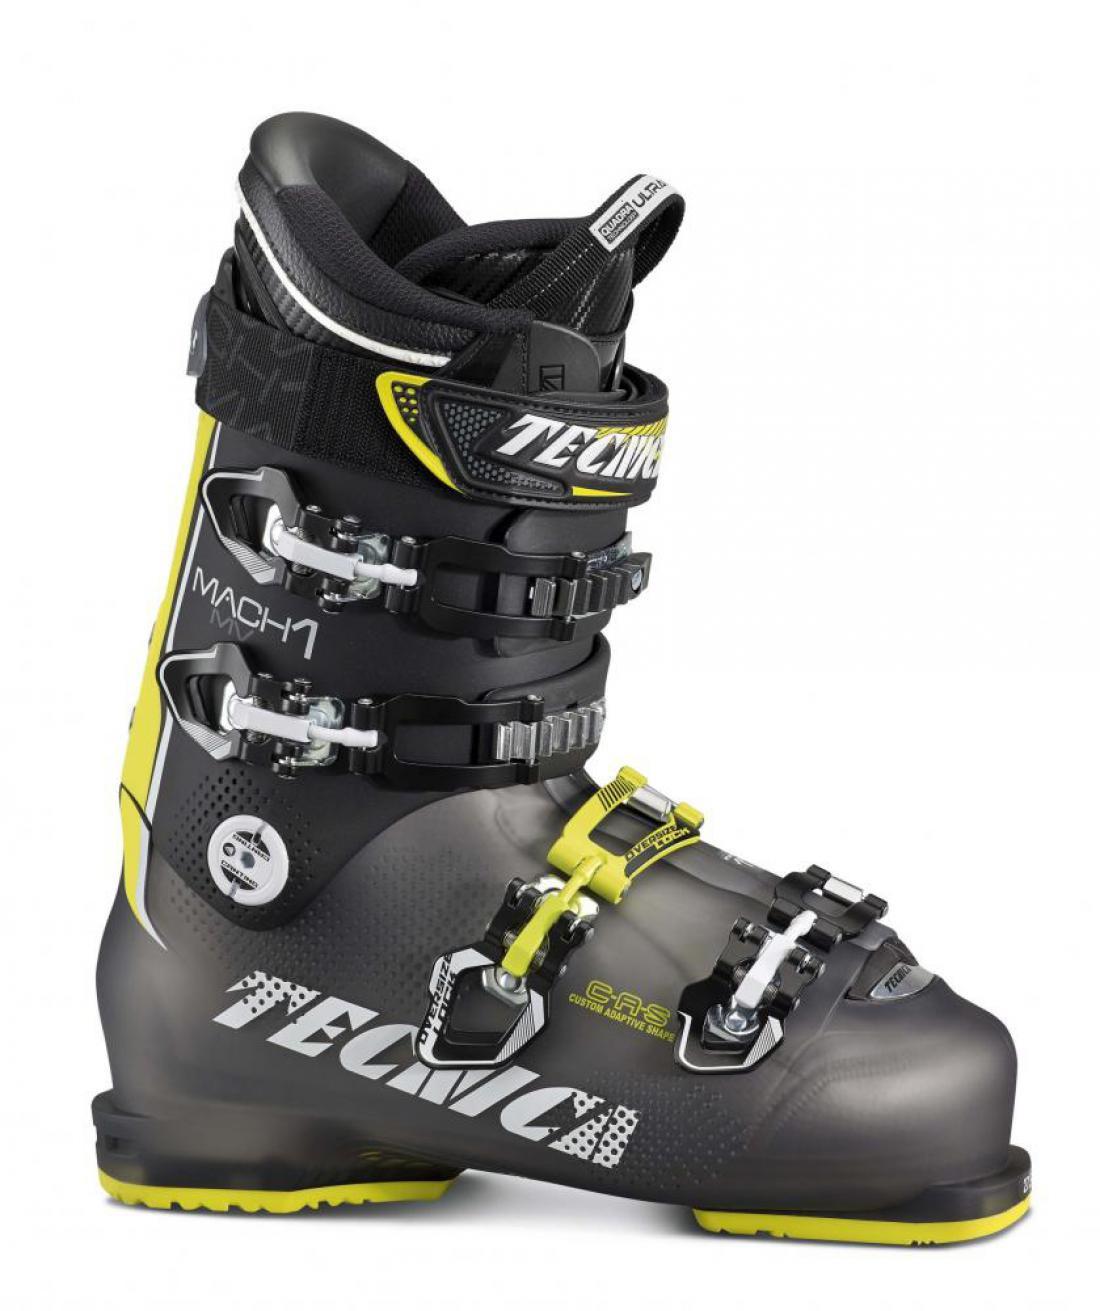 47011dd92db sportovní lyžařské boty Tecnica Mach1 110 MV RT » LyzeLyze.cz